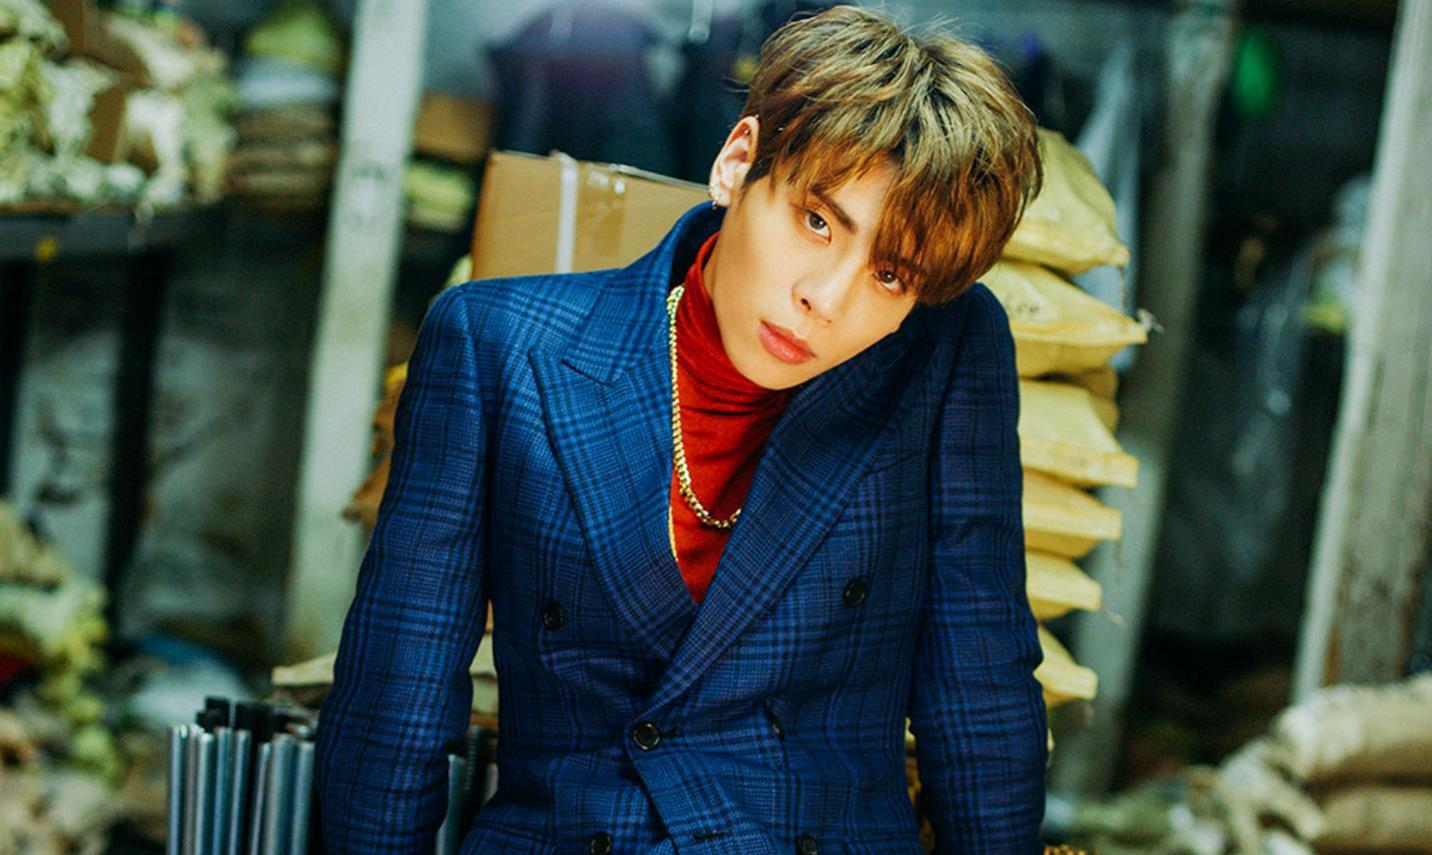 Nhìn lại sự nghiệp của Jonghyun khiến fan phải đặt dấu hỏi: Sao có thể tuyệt vọng đến mức tự tử? - Ảnh 1.